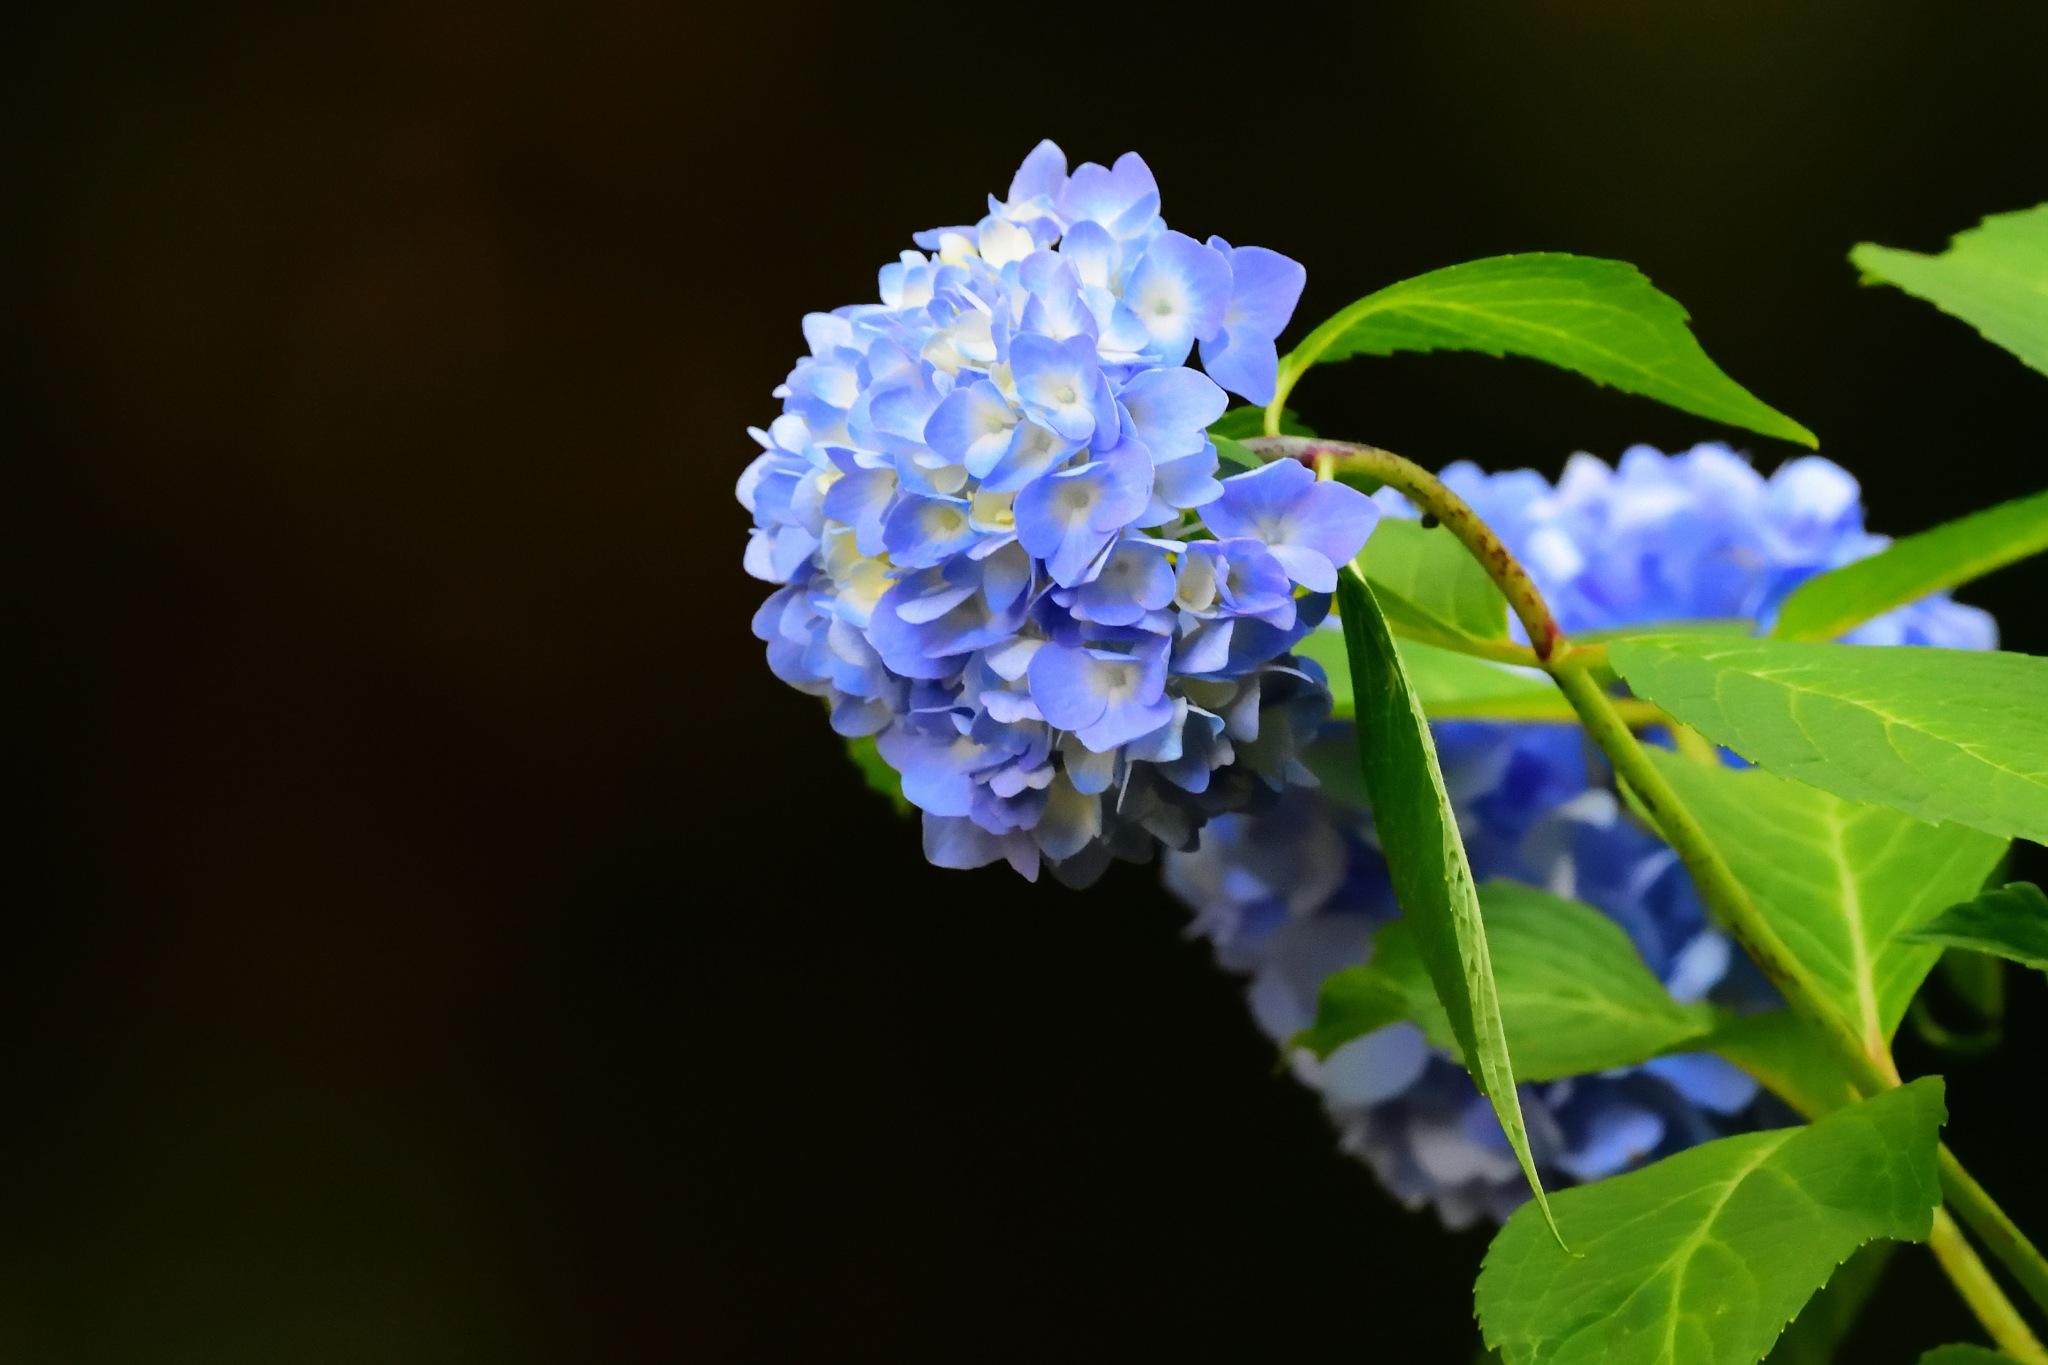 Hydrangea Bloom #3 by Greg Knott